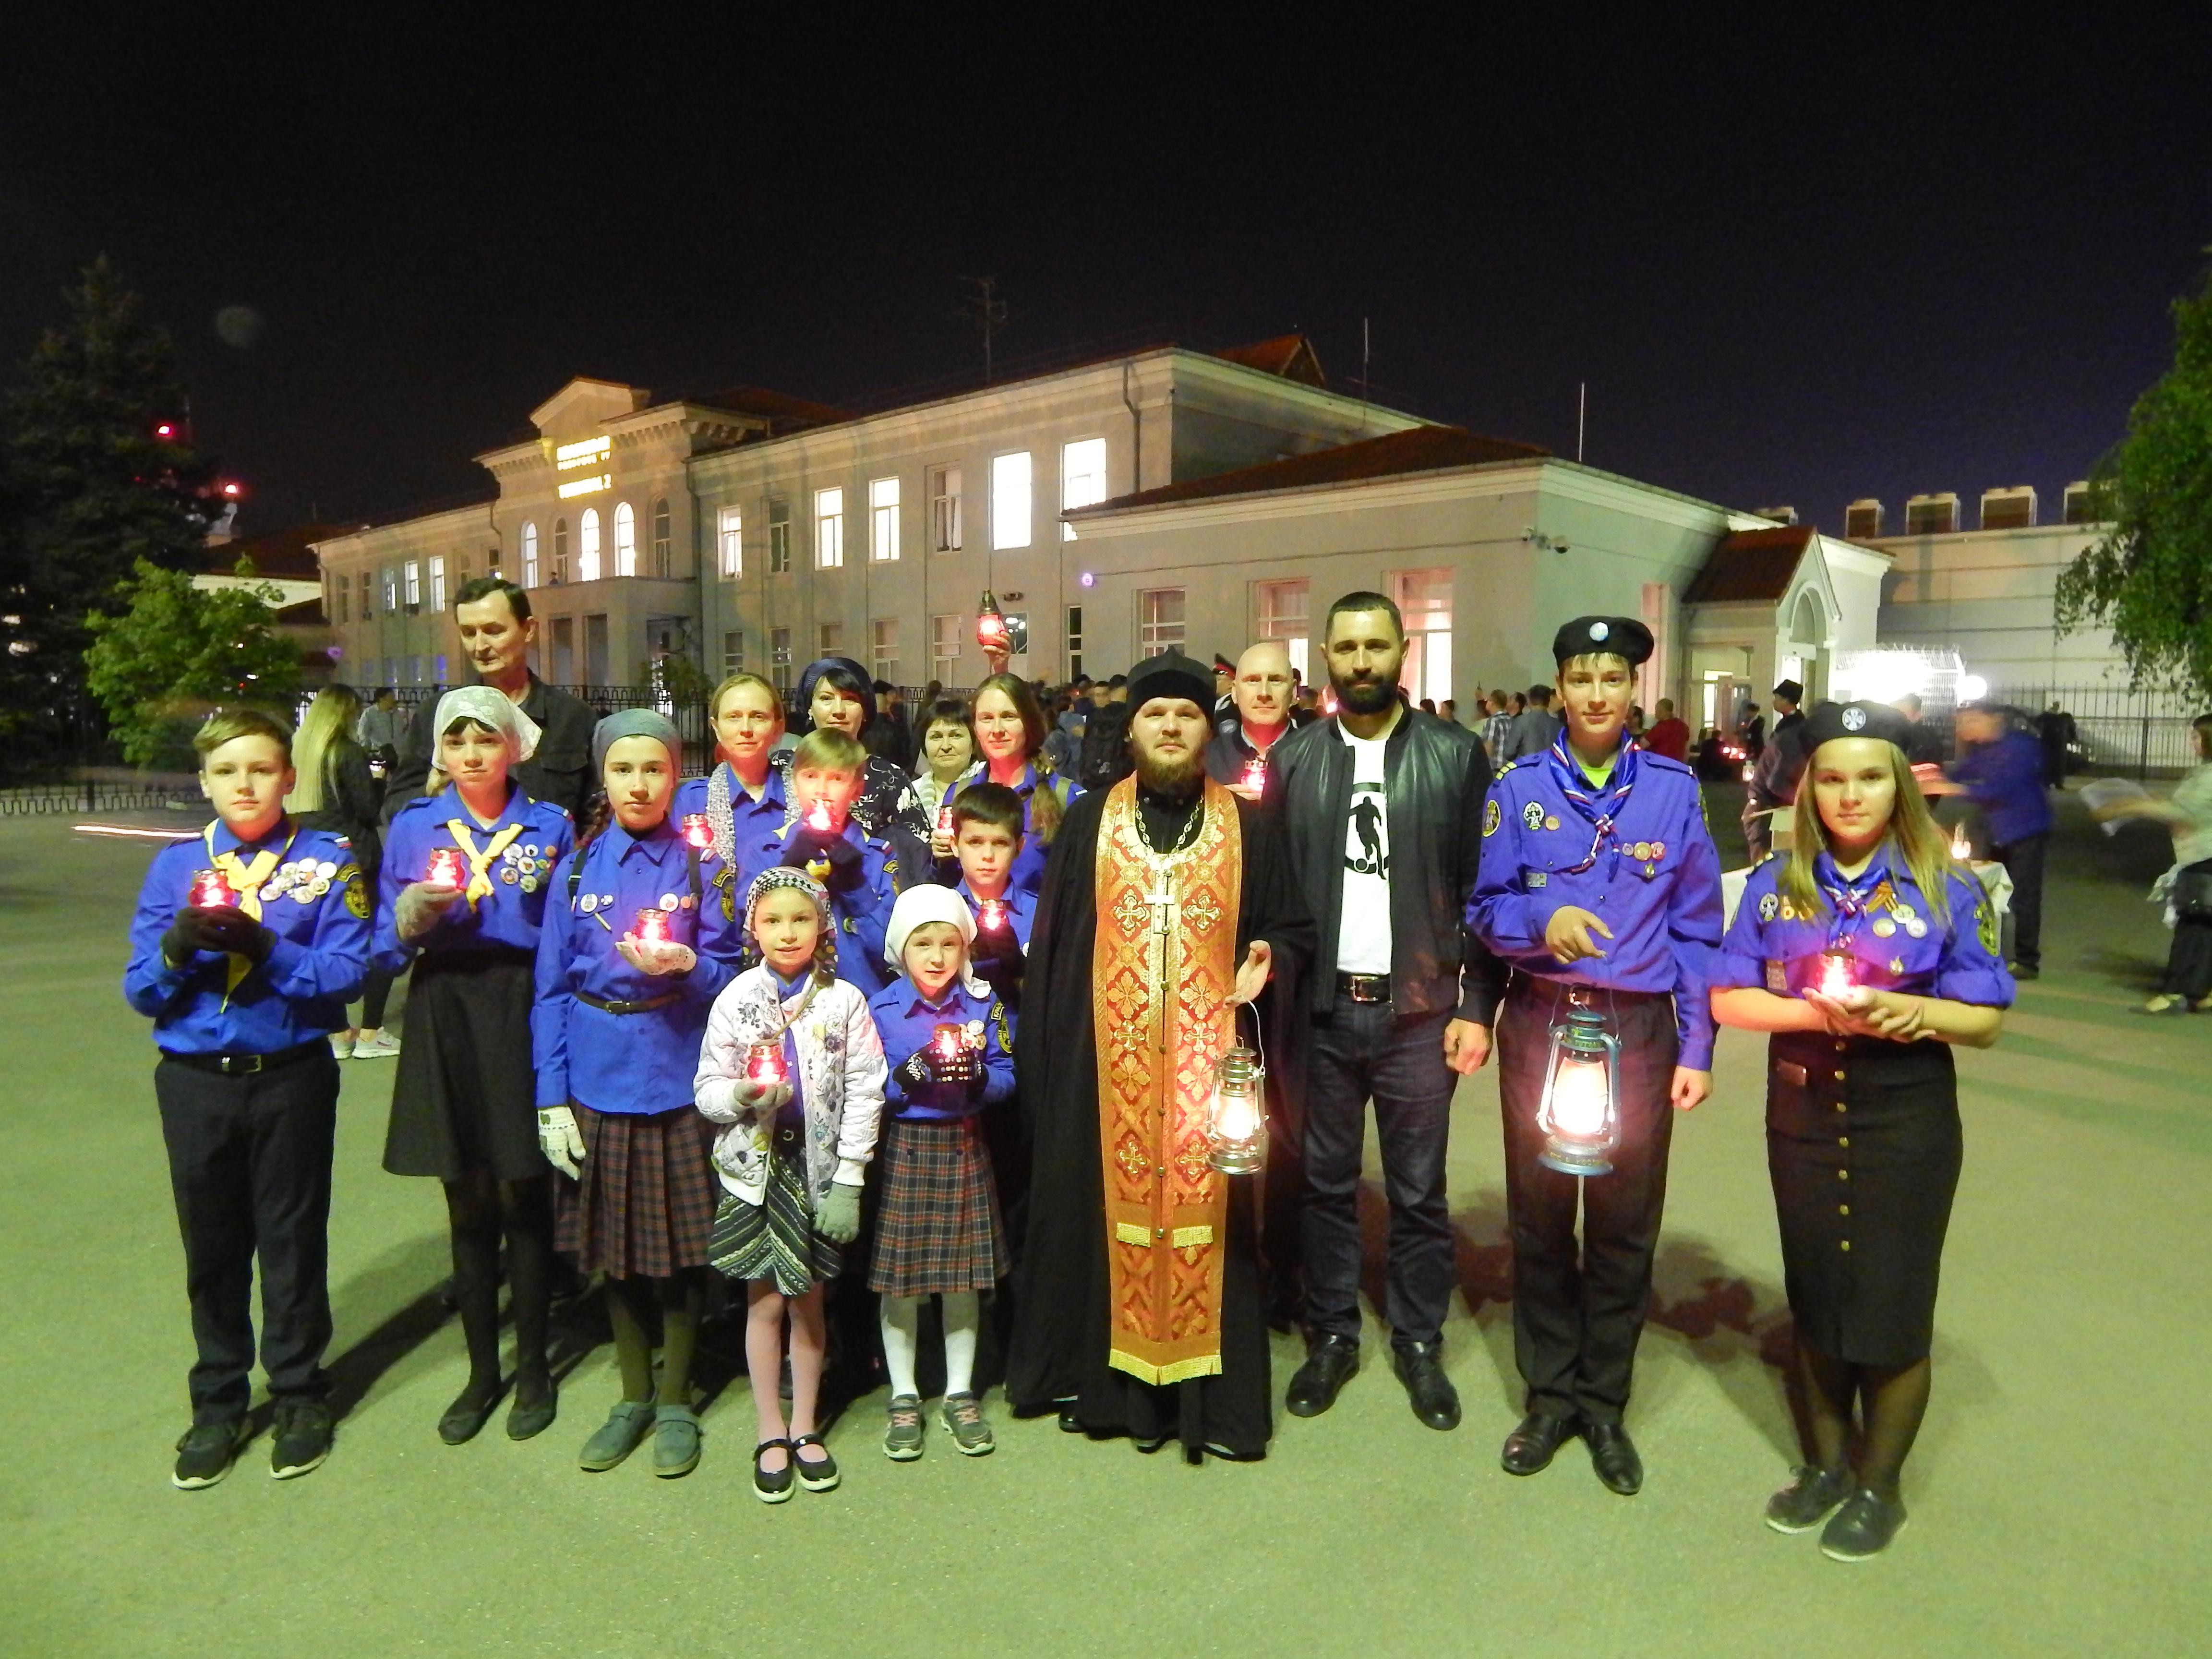 Кореновские следопыты доставили в храмы своего города частичку Благодатного огня